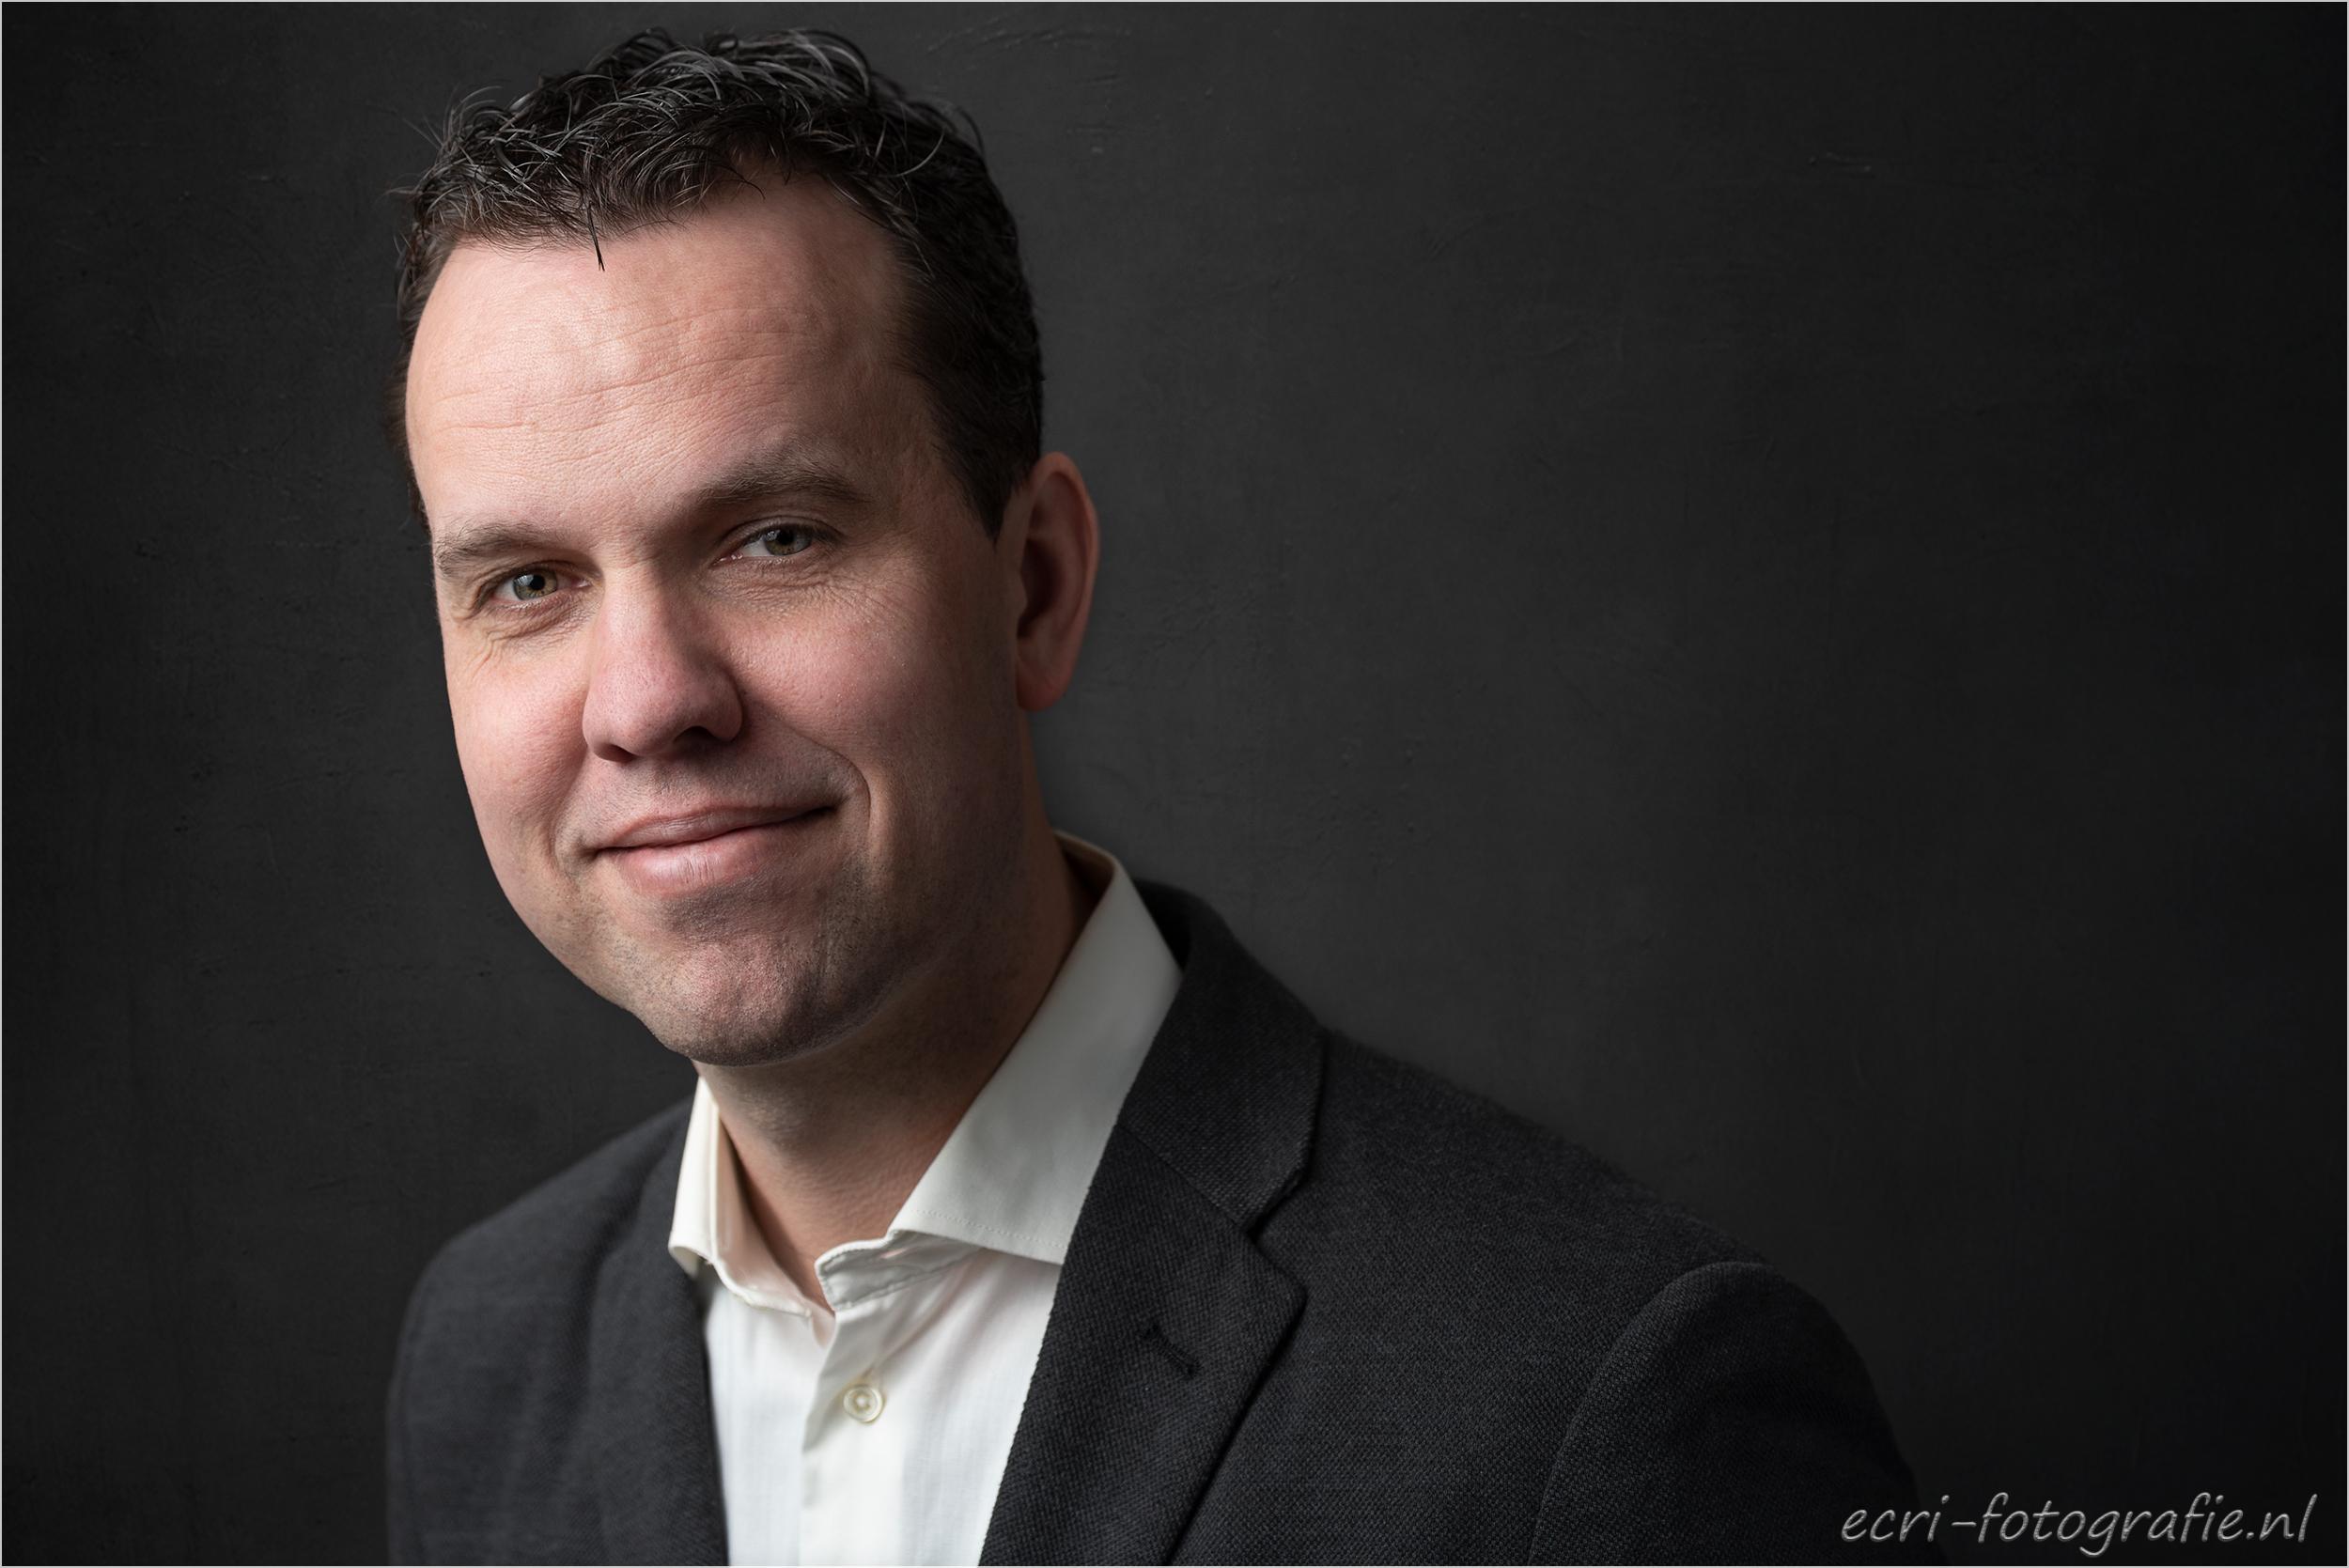 ecri-fotografie.nl, Eric de Jonge, LinkedIn, portretfotografie, zakelijk portret, Eefting Online Marketing